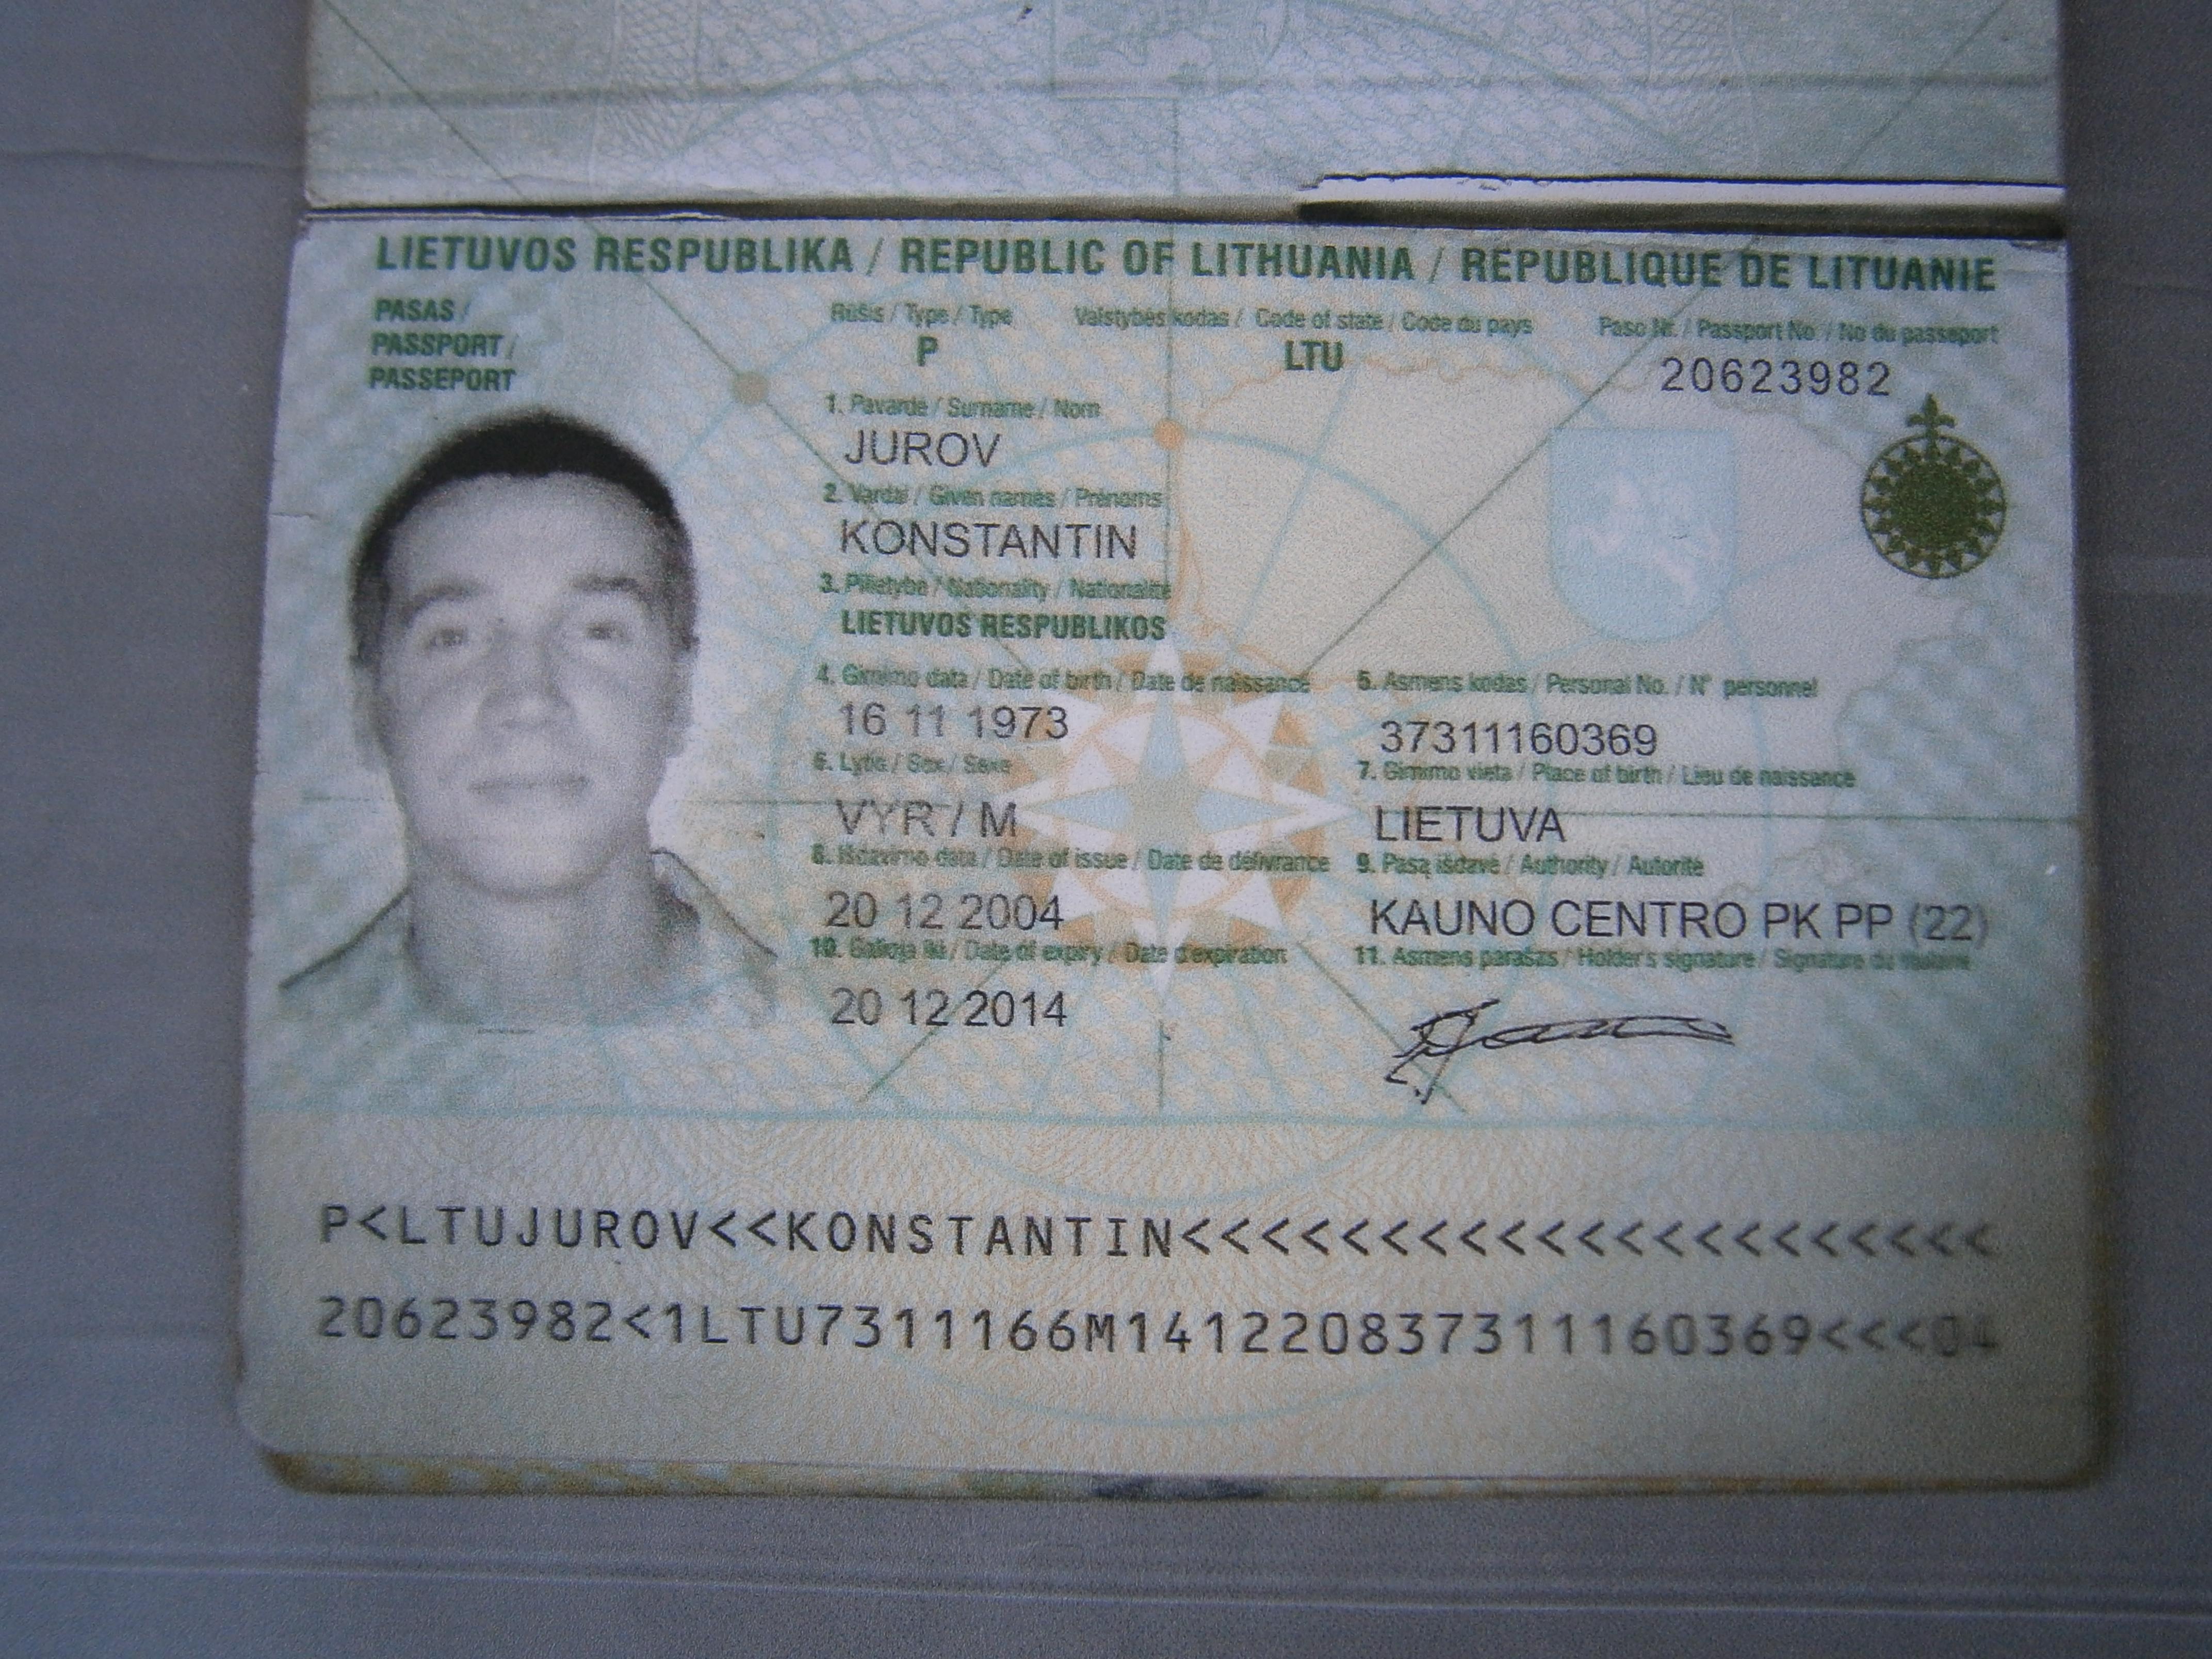 паспорт Юрова P7180162